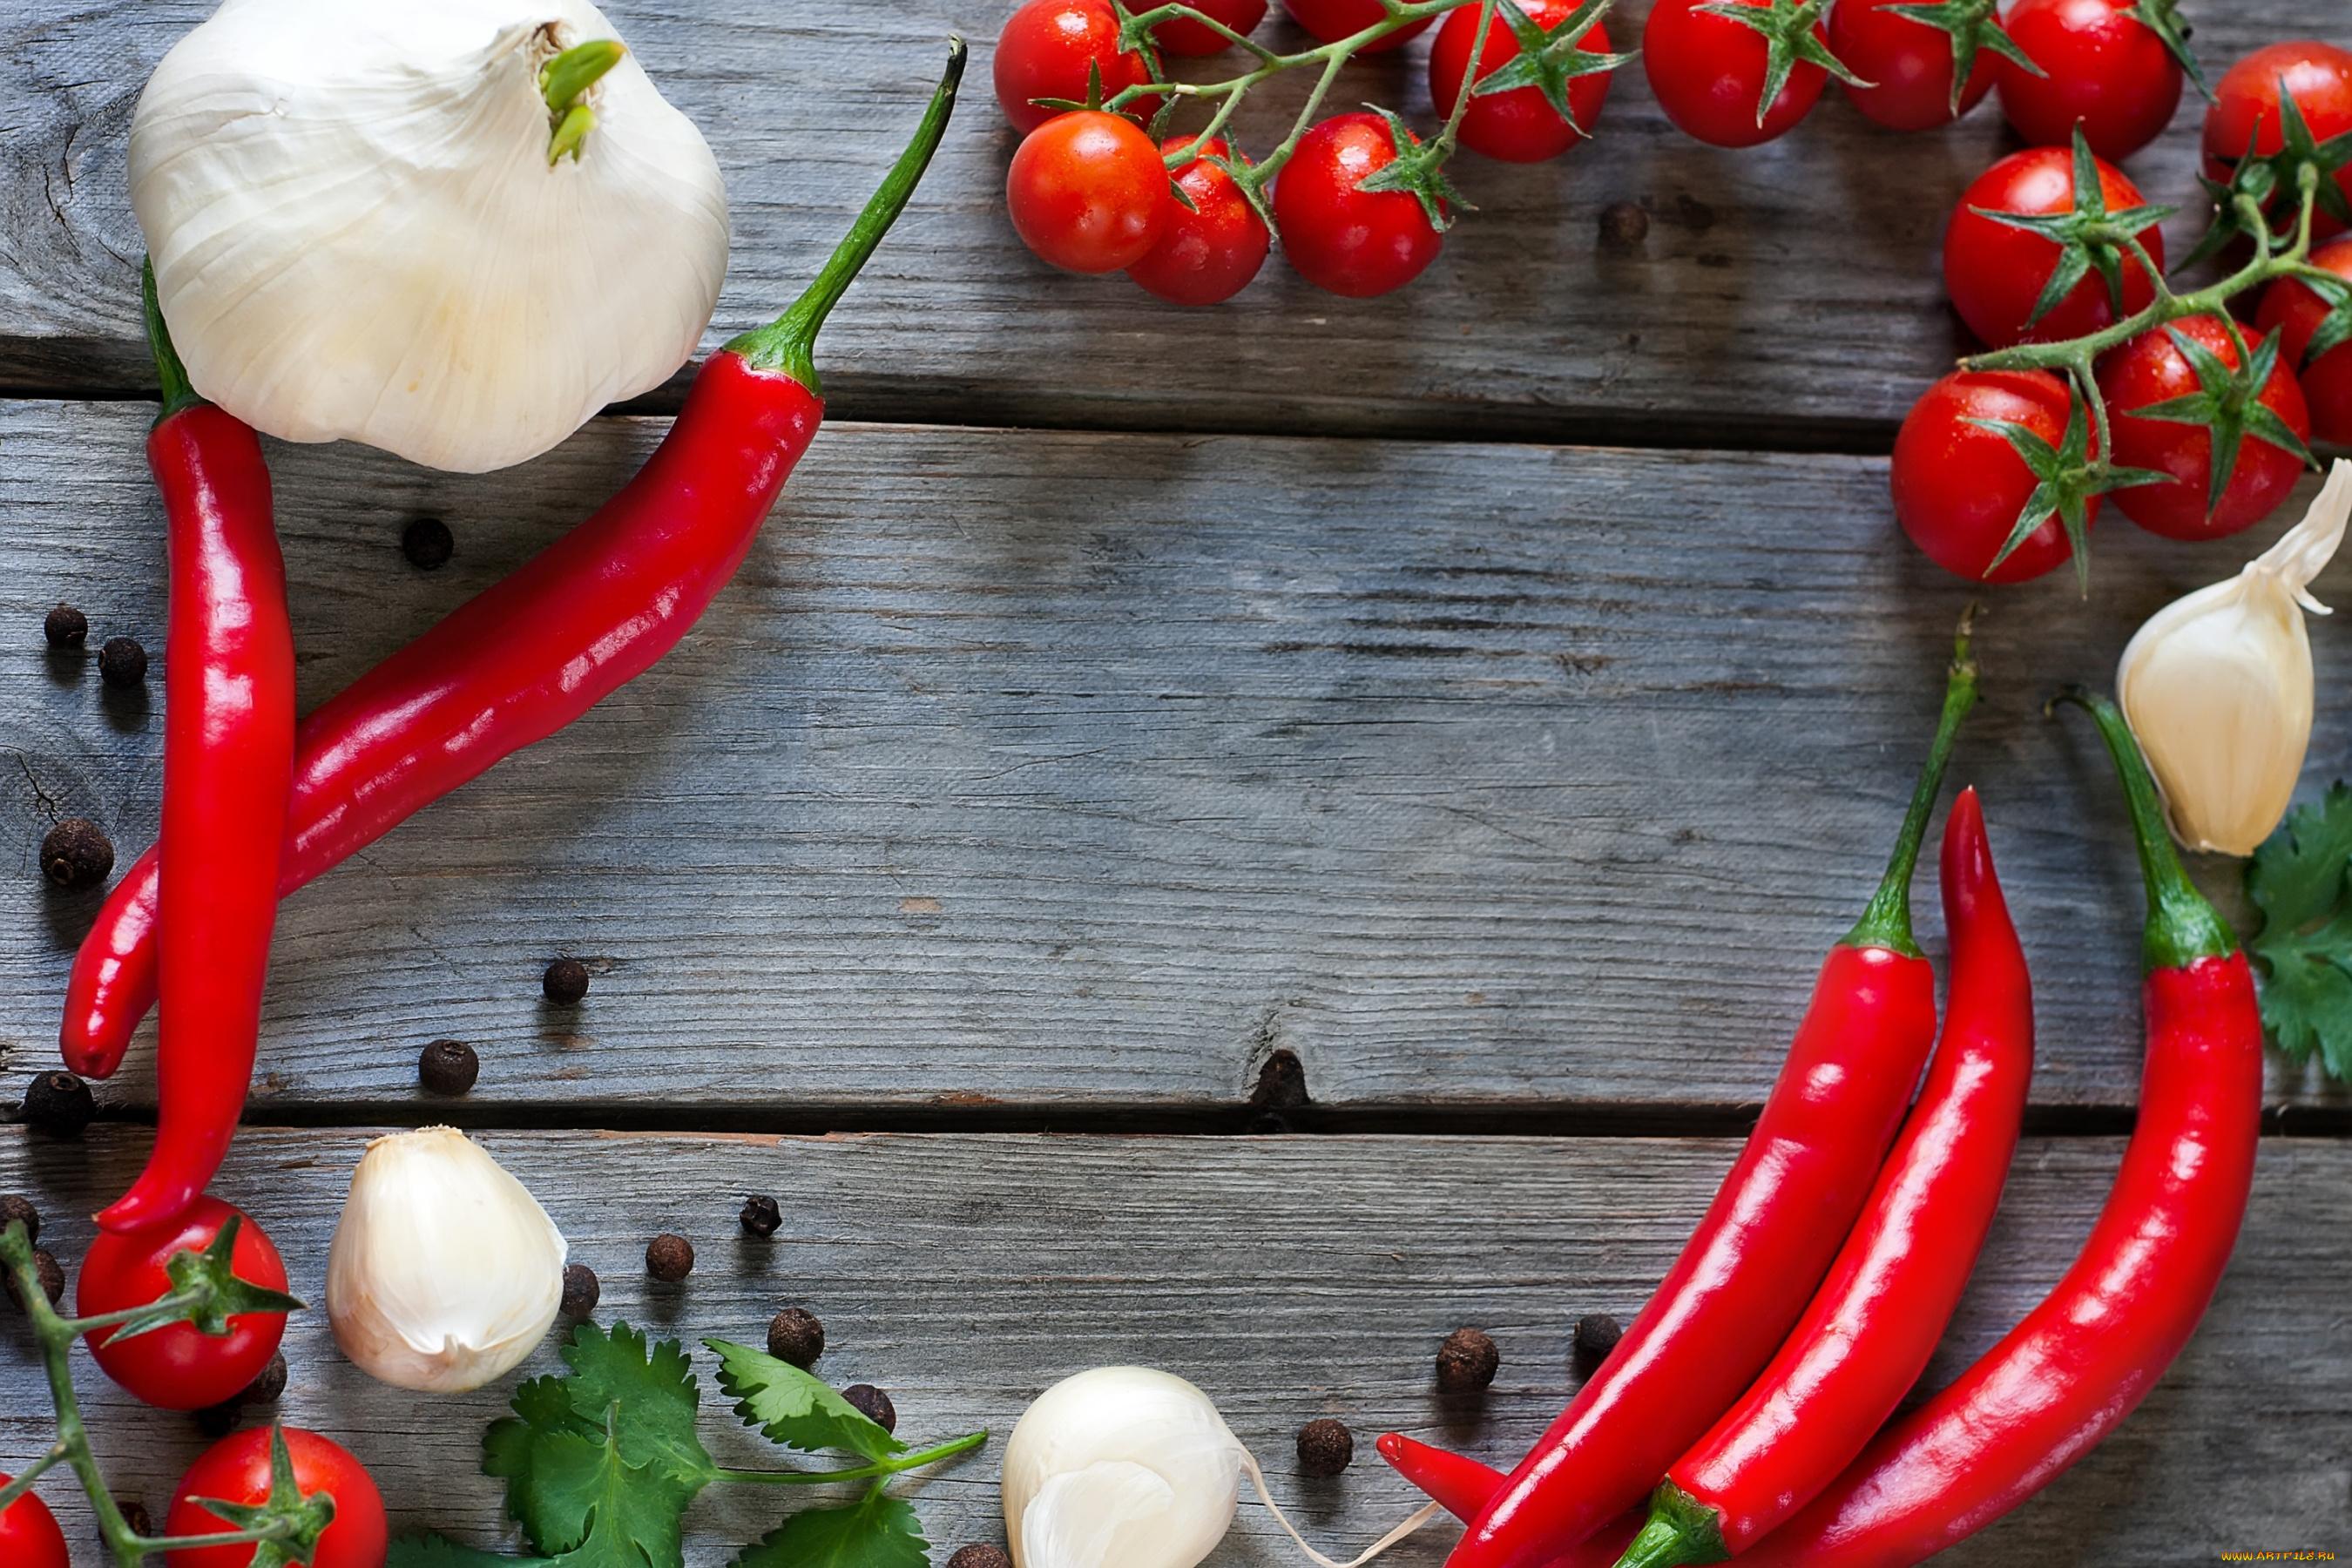 Прикольные картинки, открытка с овощами